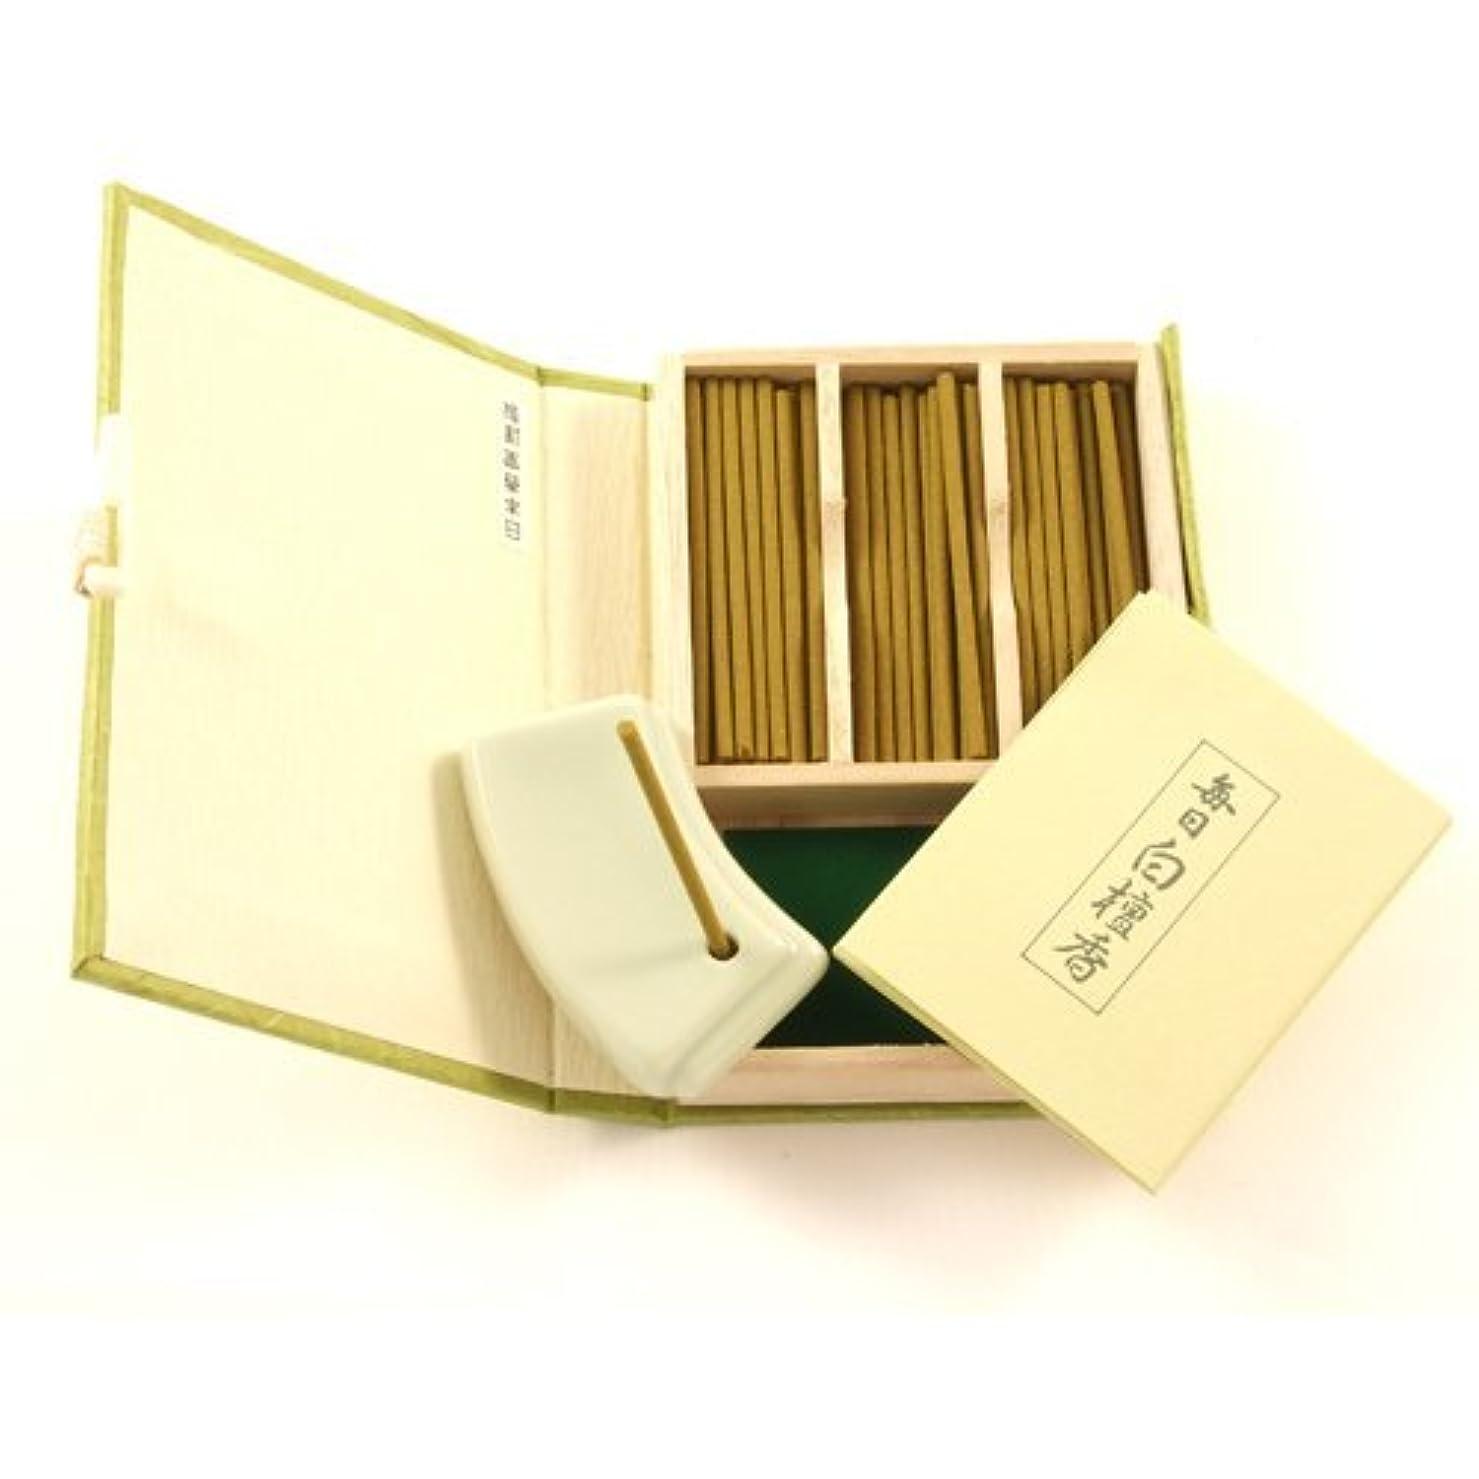 イチゴ眼従順Japanese Sandalwood Incense Gift Set Mainichi Byakudan by Nippon [並行輸入品]